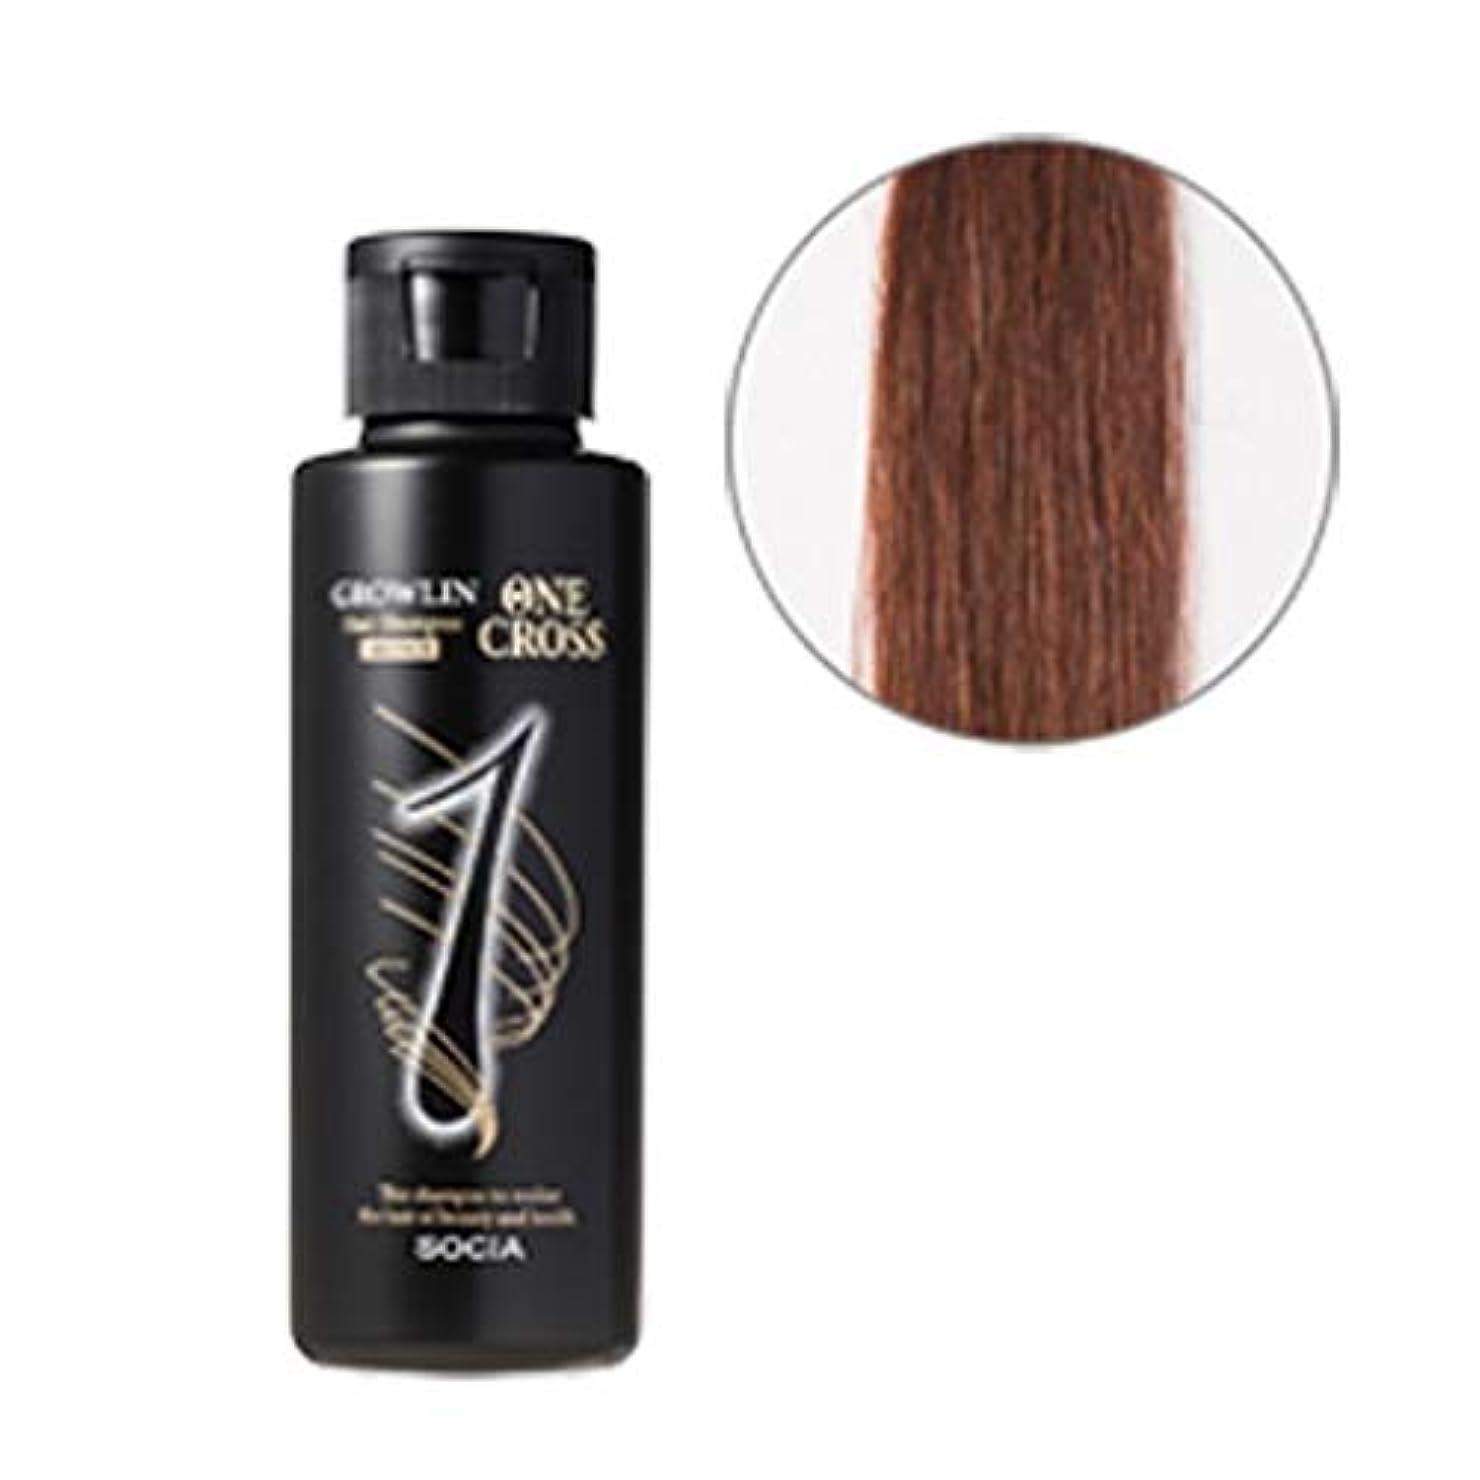 パン道スカリーソシア (SOCIA) グローリン?ワンクロス (ブラウン) 自然に染まる 白髪染めシャンプー (100ml 約1ヶ月分) 無添加 アミノ酸系 カラーリングシャンプー